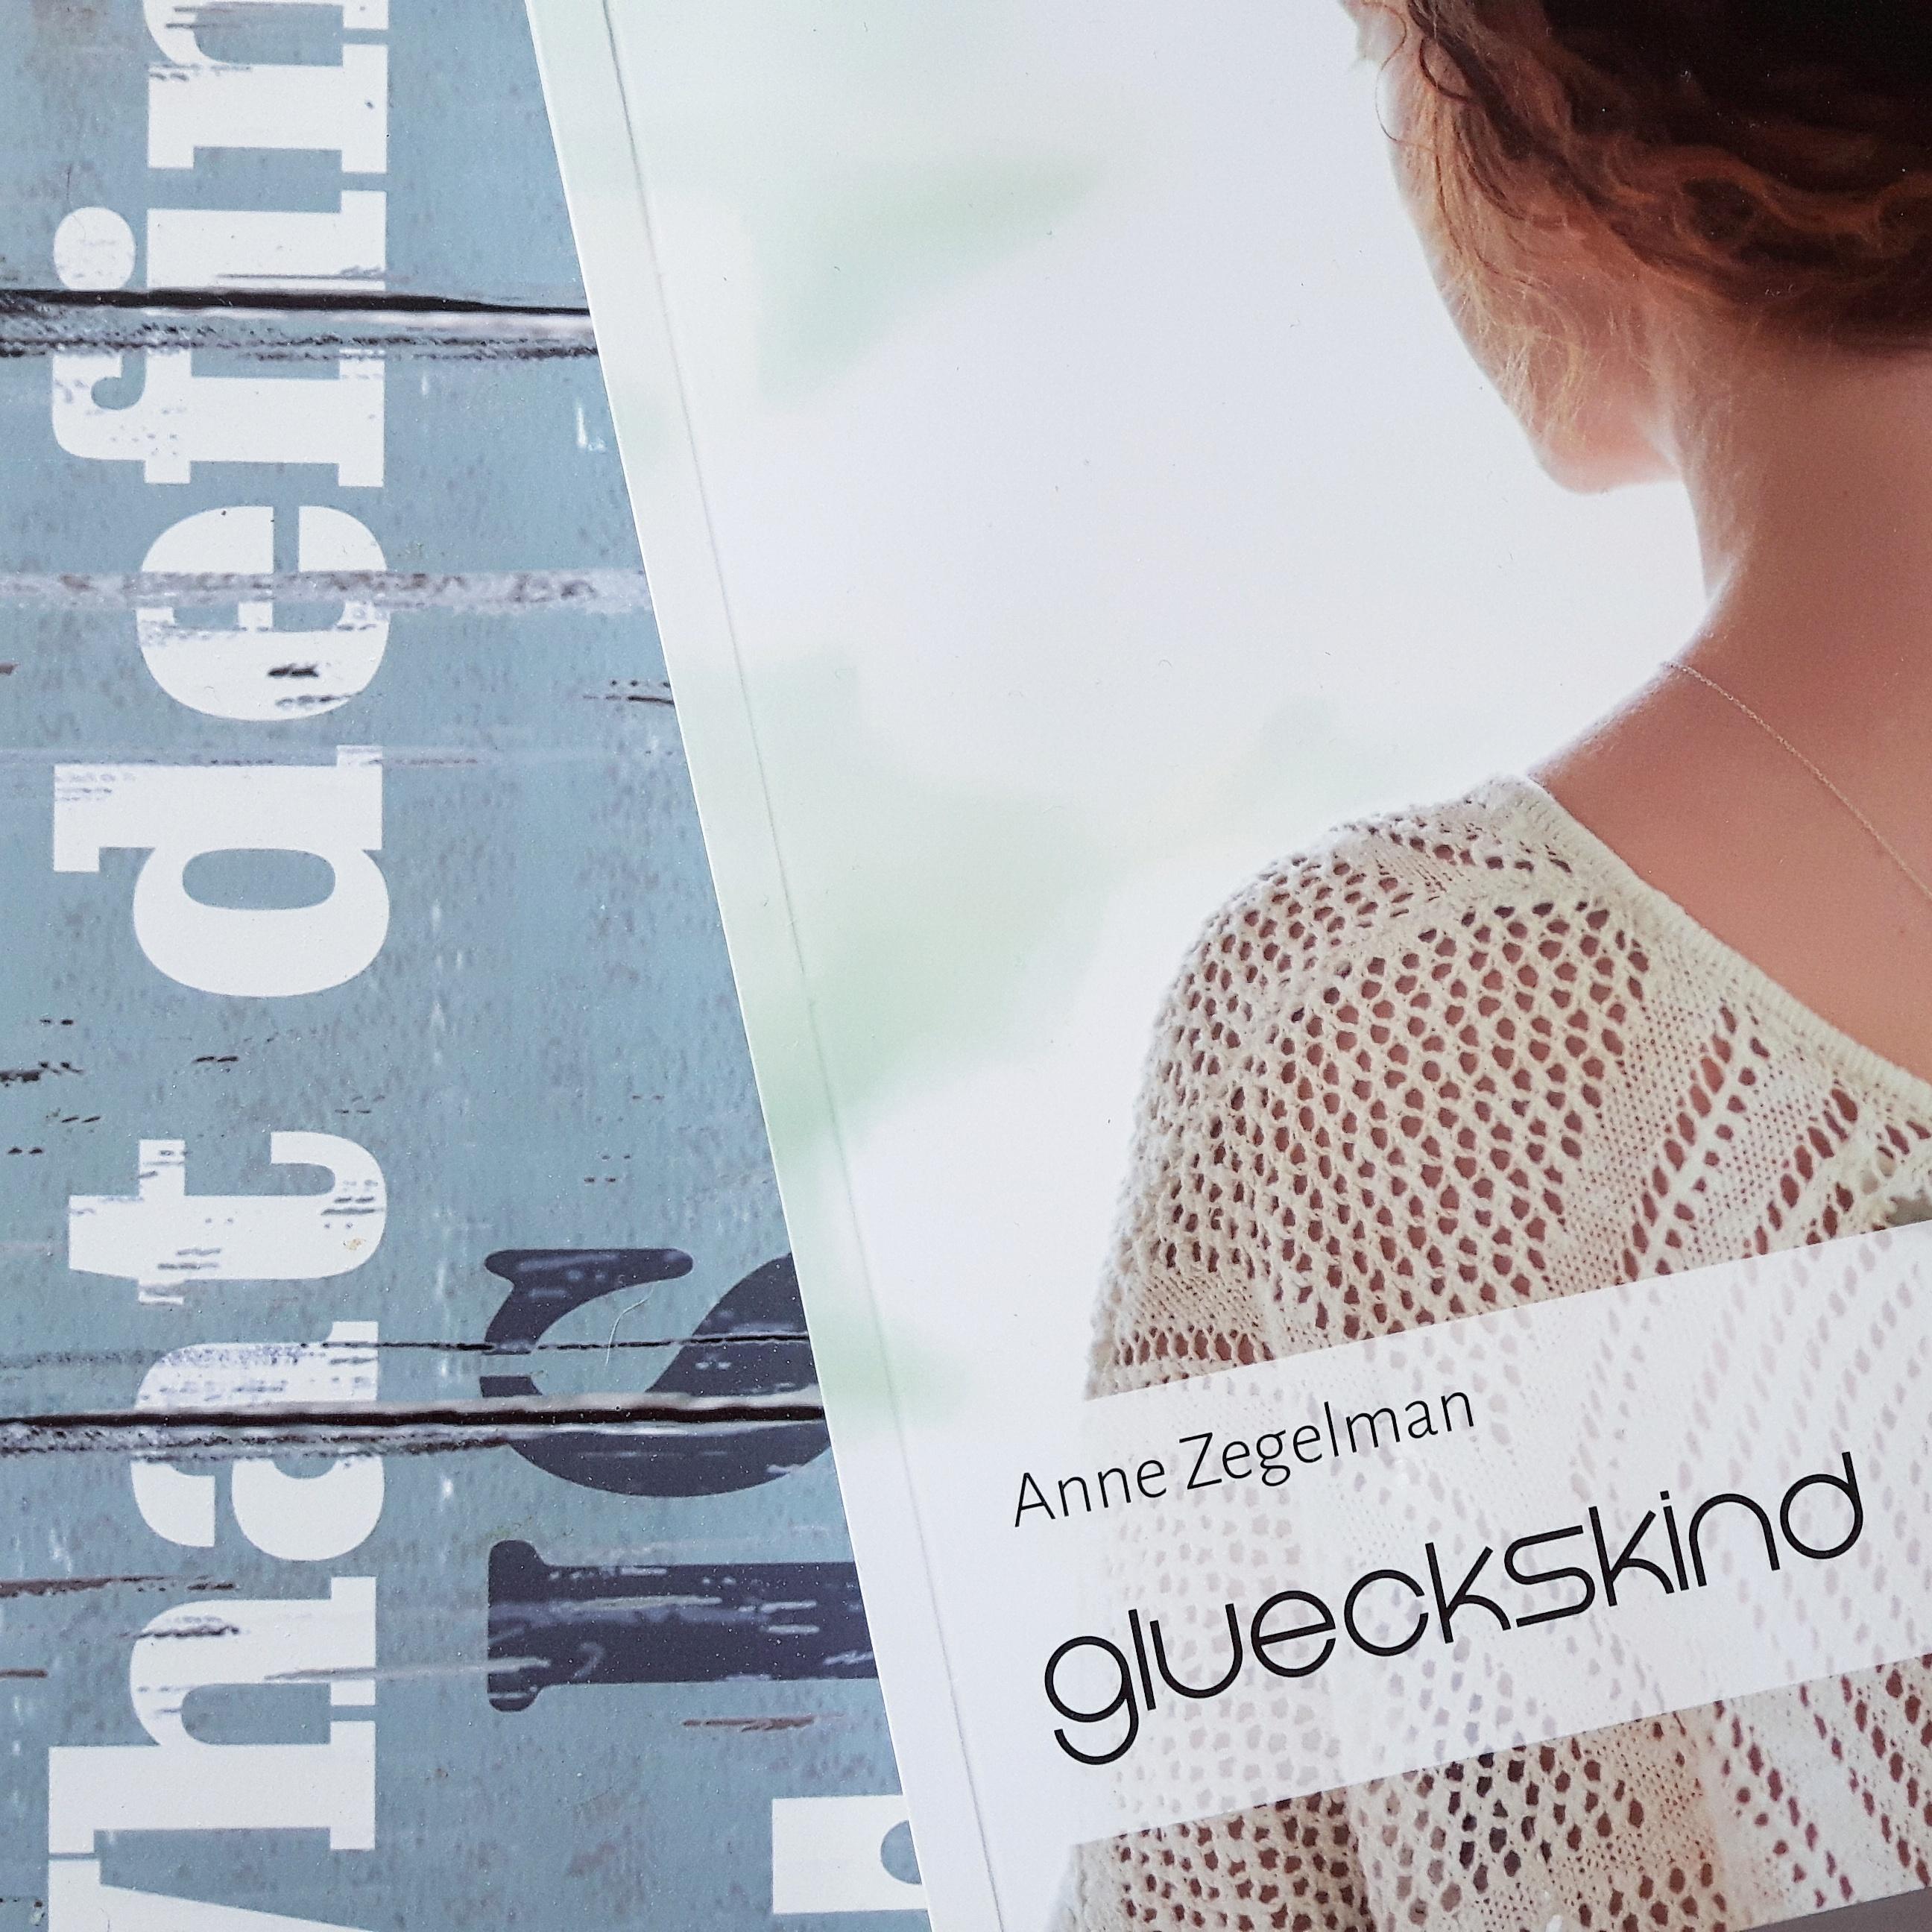 Rezension zu glueckskind: Ein Buch, das Mut macht